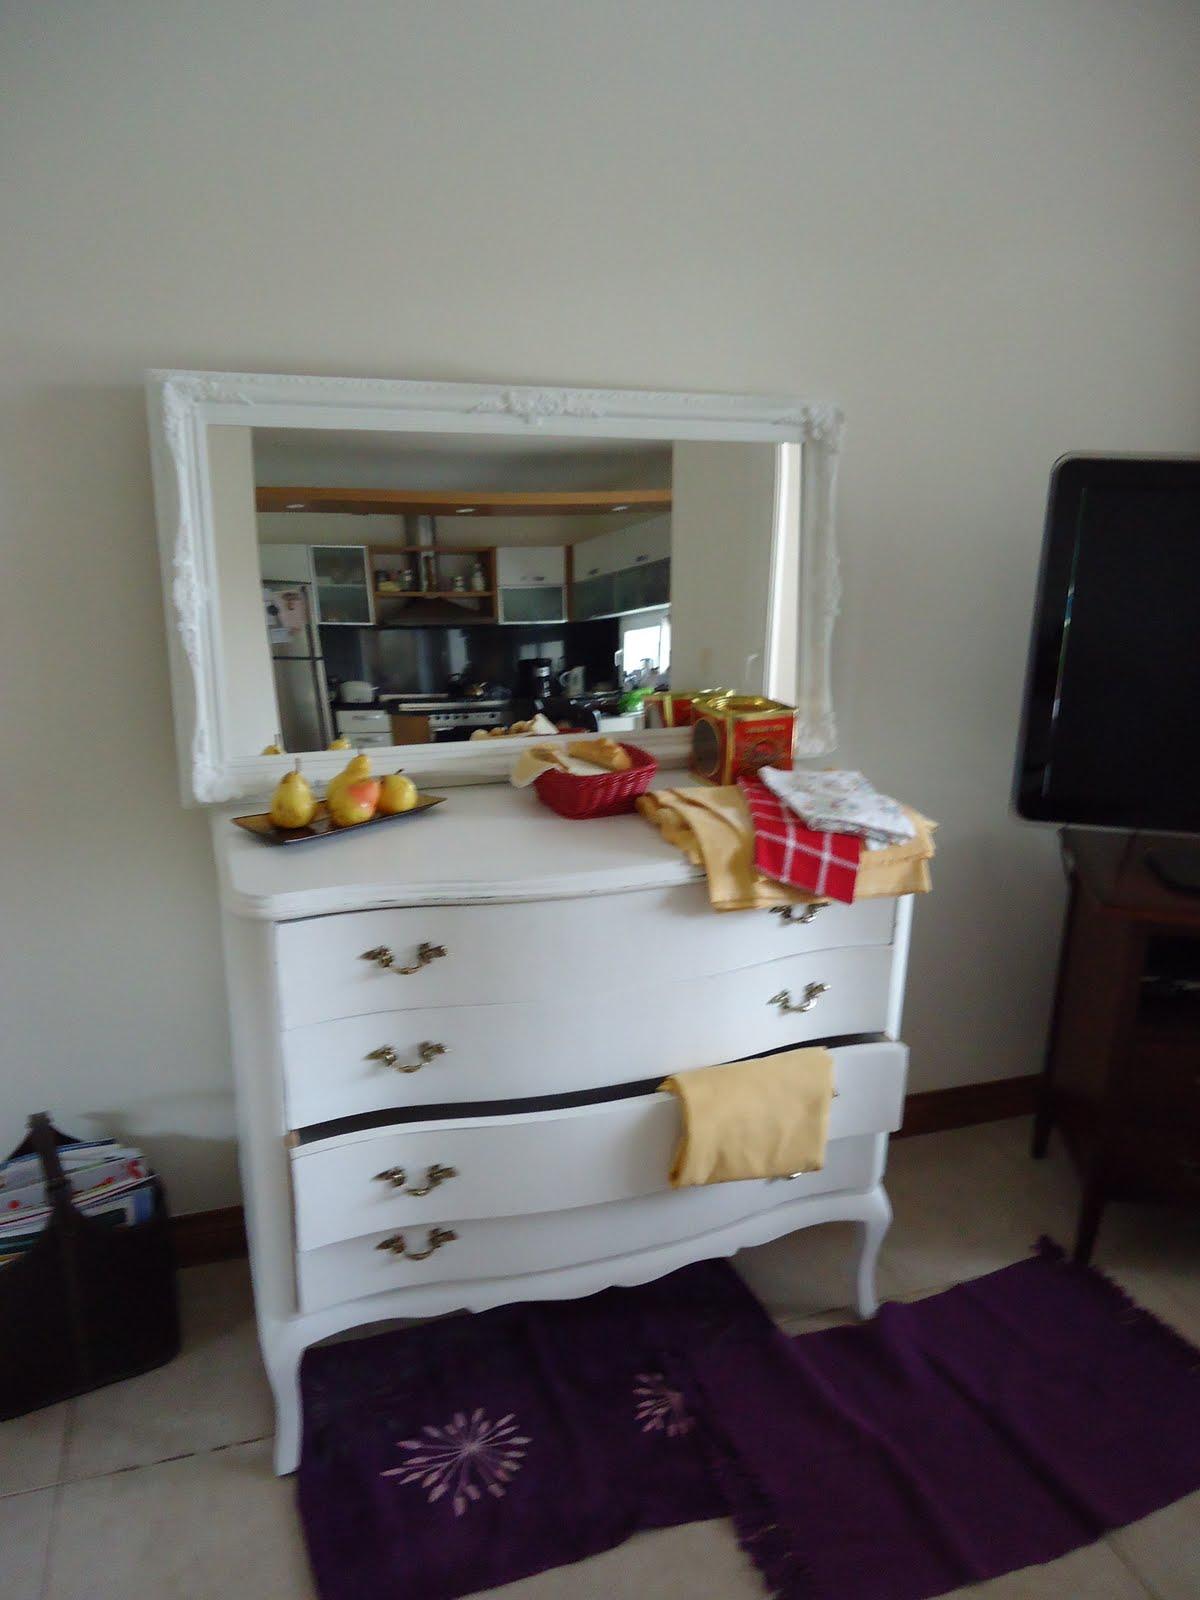 Vintouch muebles reciclados pintados a mano espejo antiguo frances 8 molduras 1 15 mt x 65 cm - Muebles de 2 mano ...